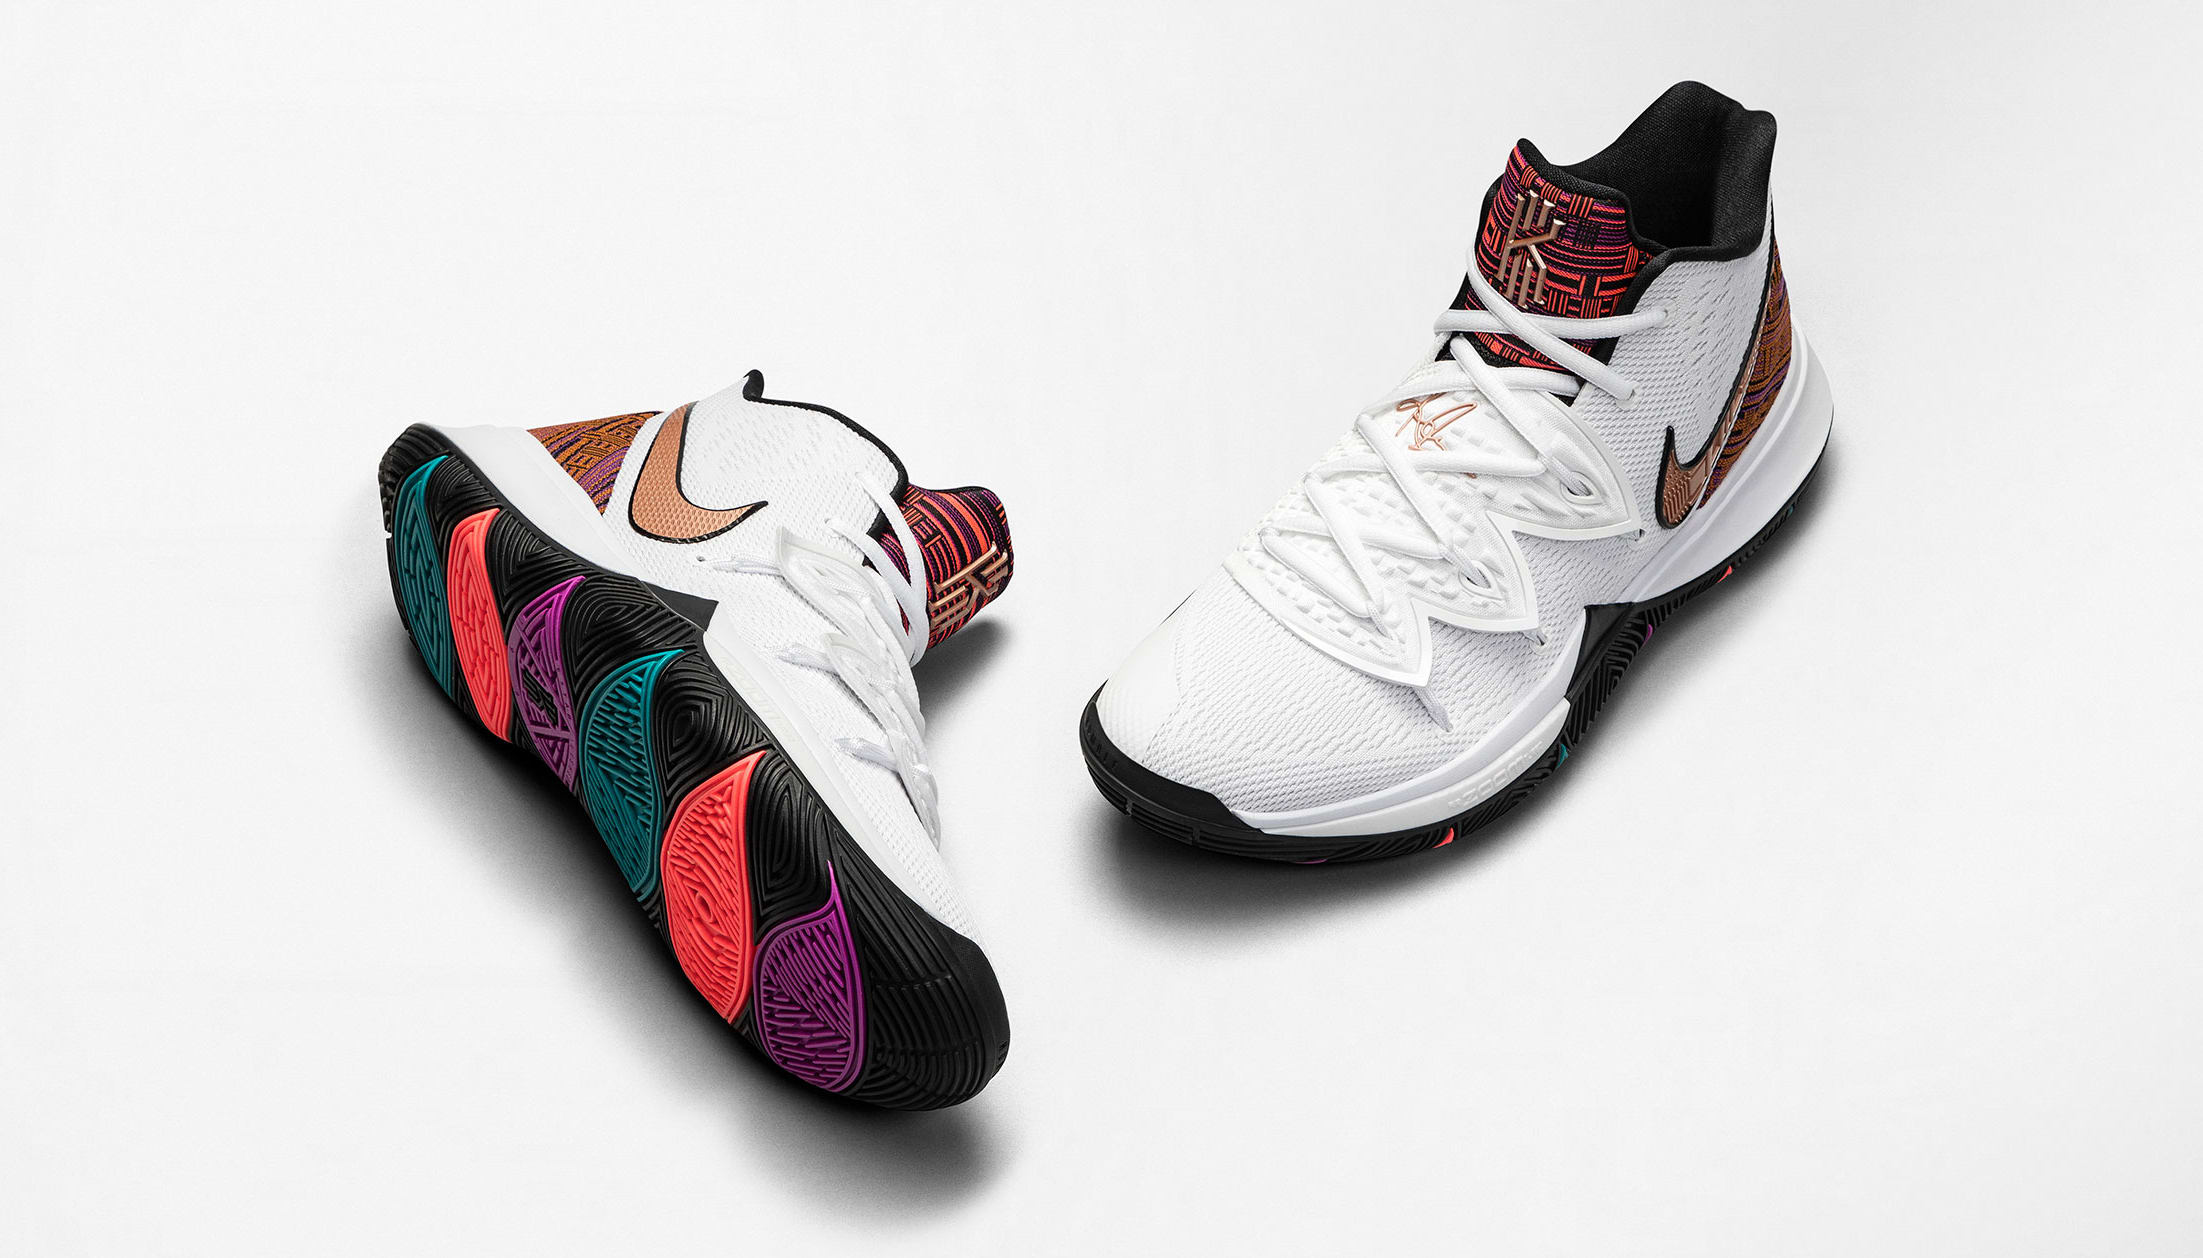 Nike BHM 2019 Kyrie 5